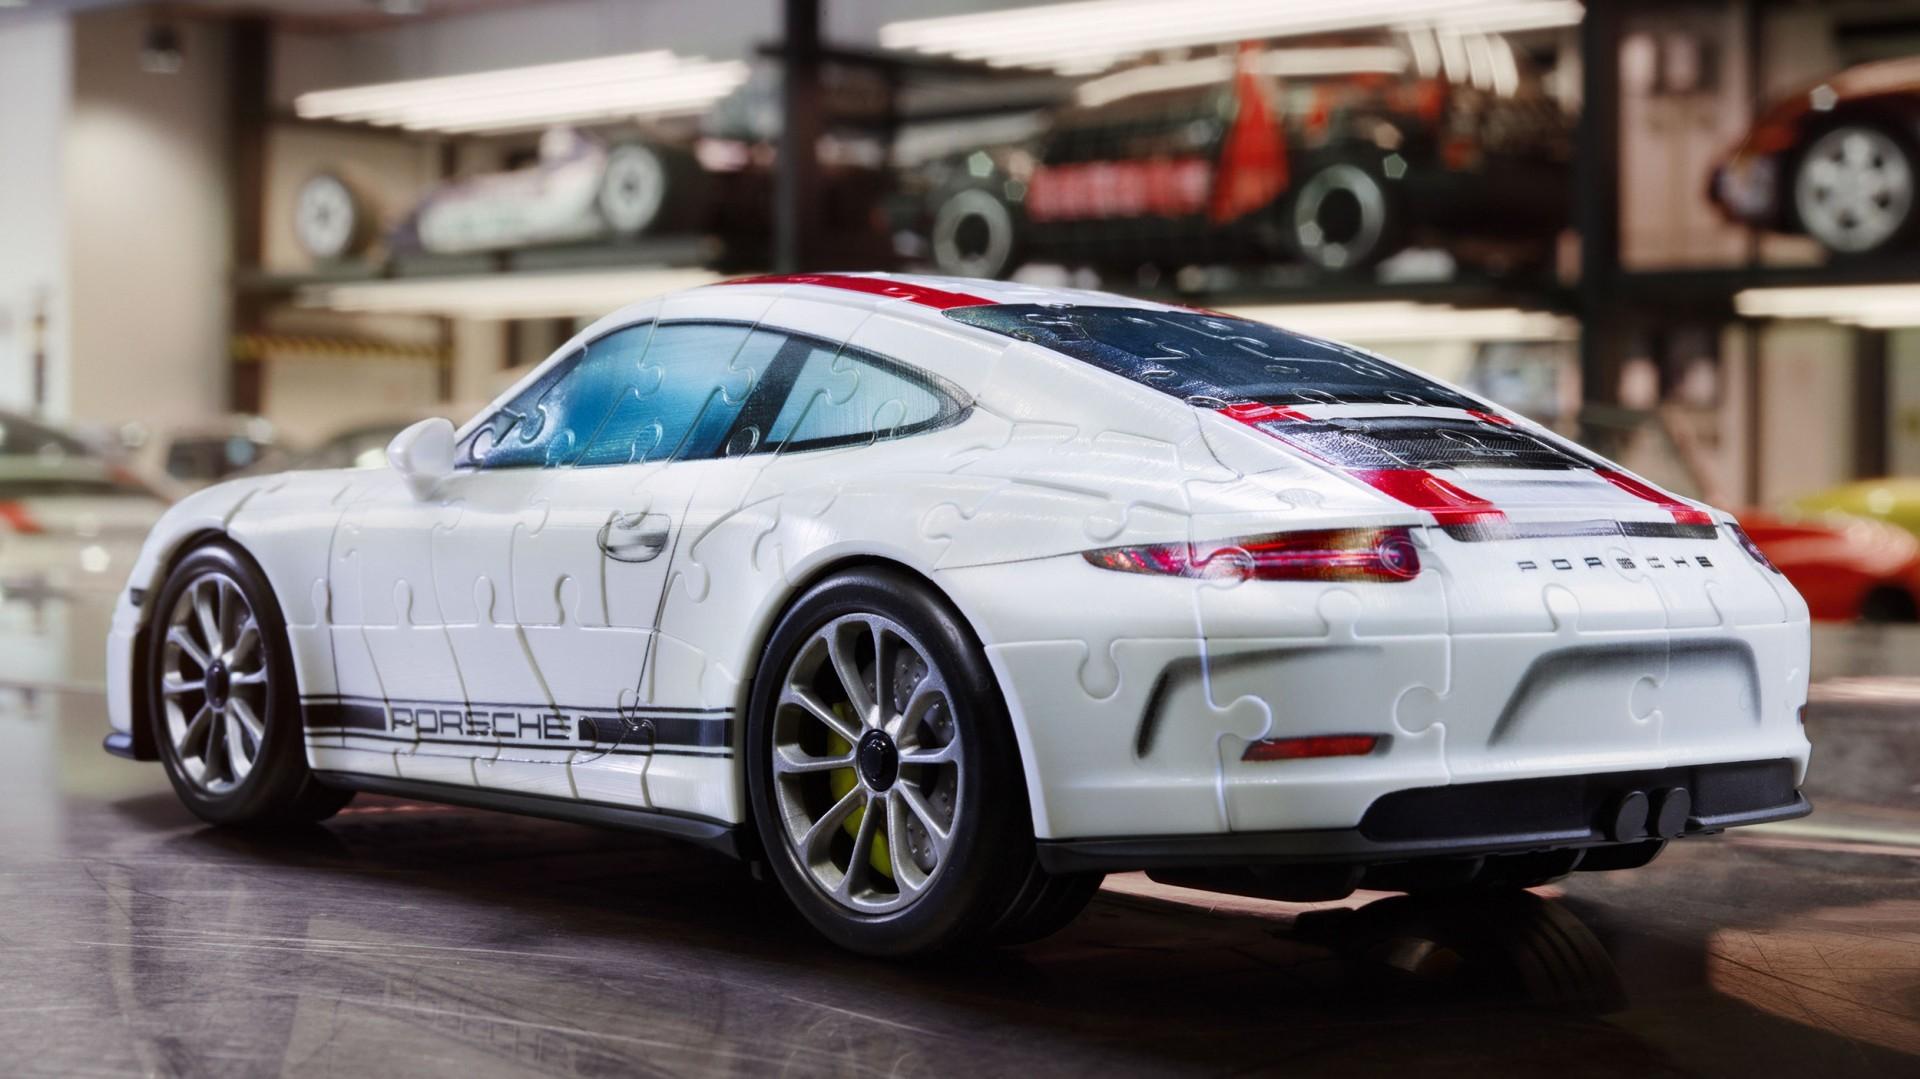 Porsche 911 R Ravensburger puzzle (1)